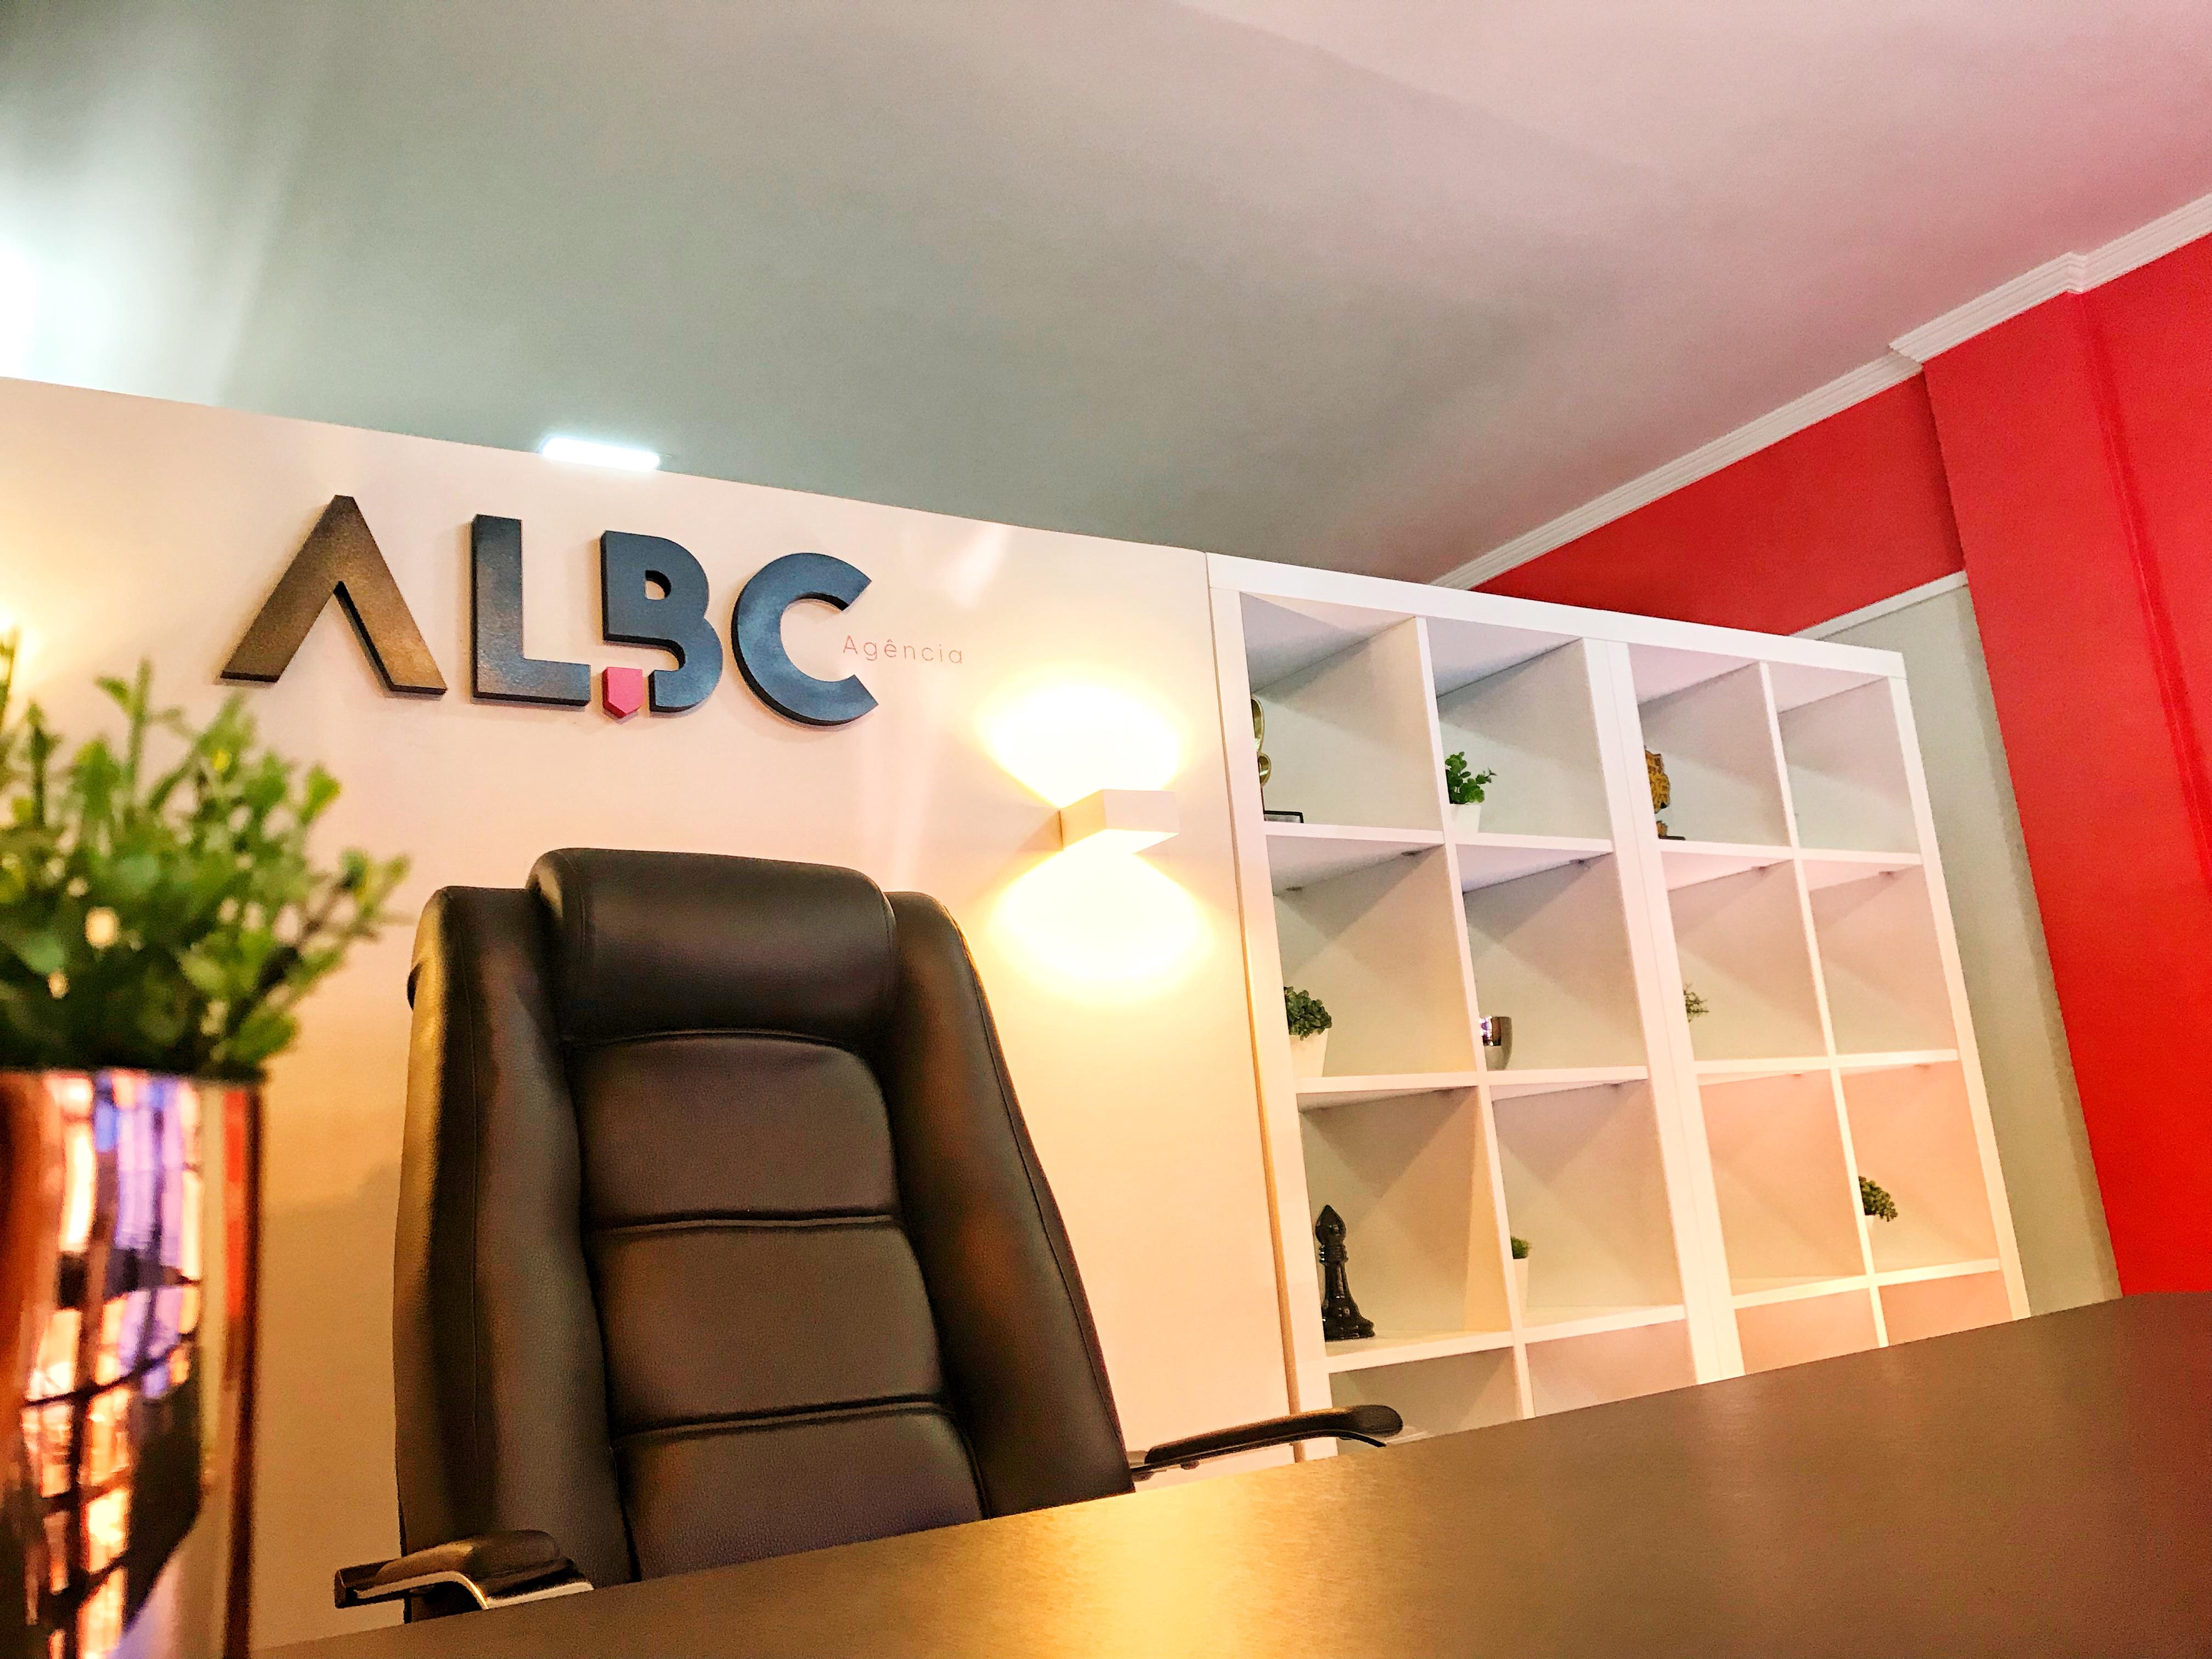 ALBC Recepção